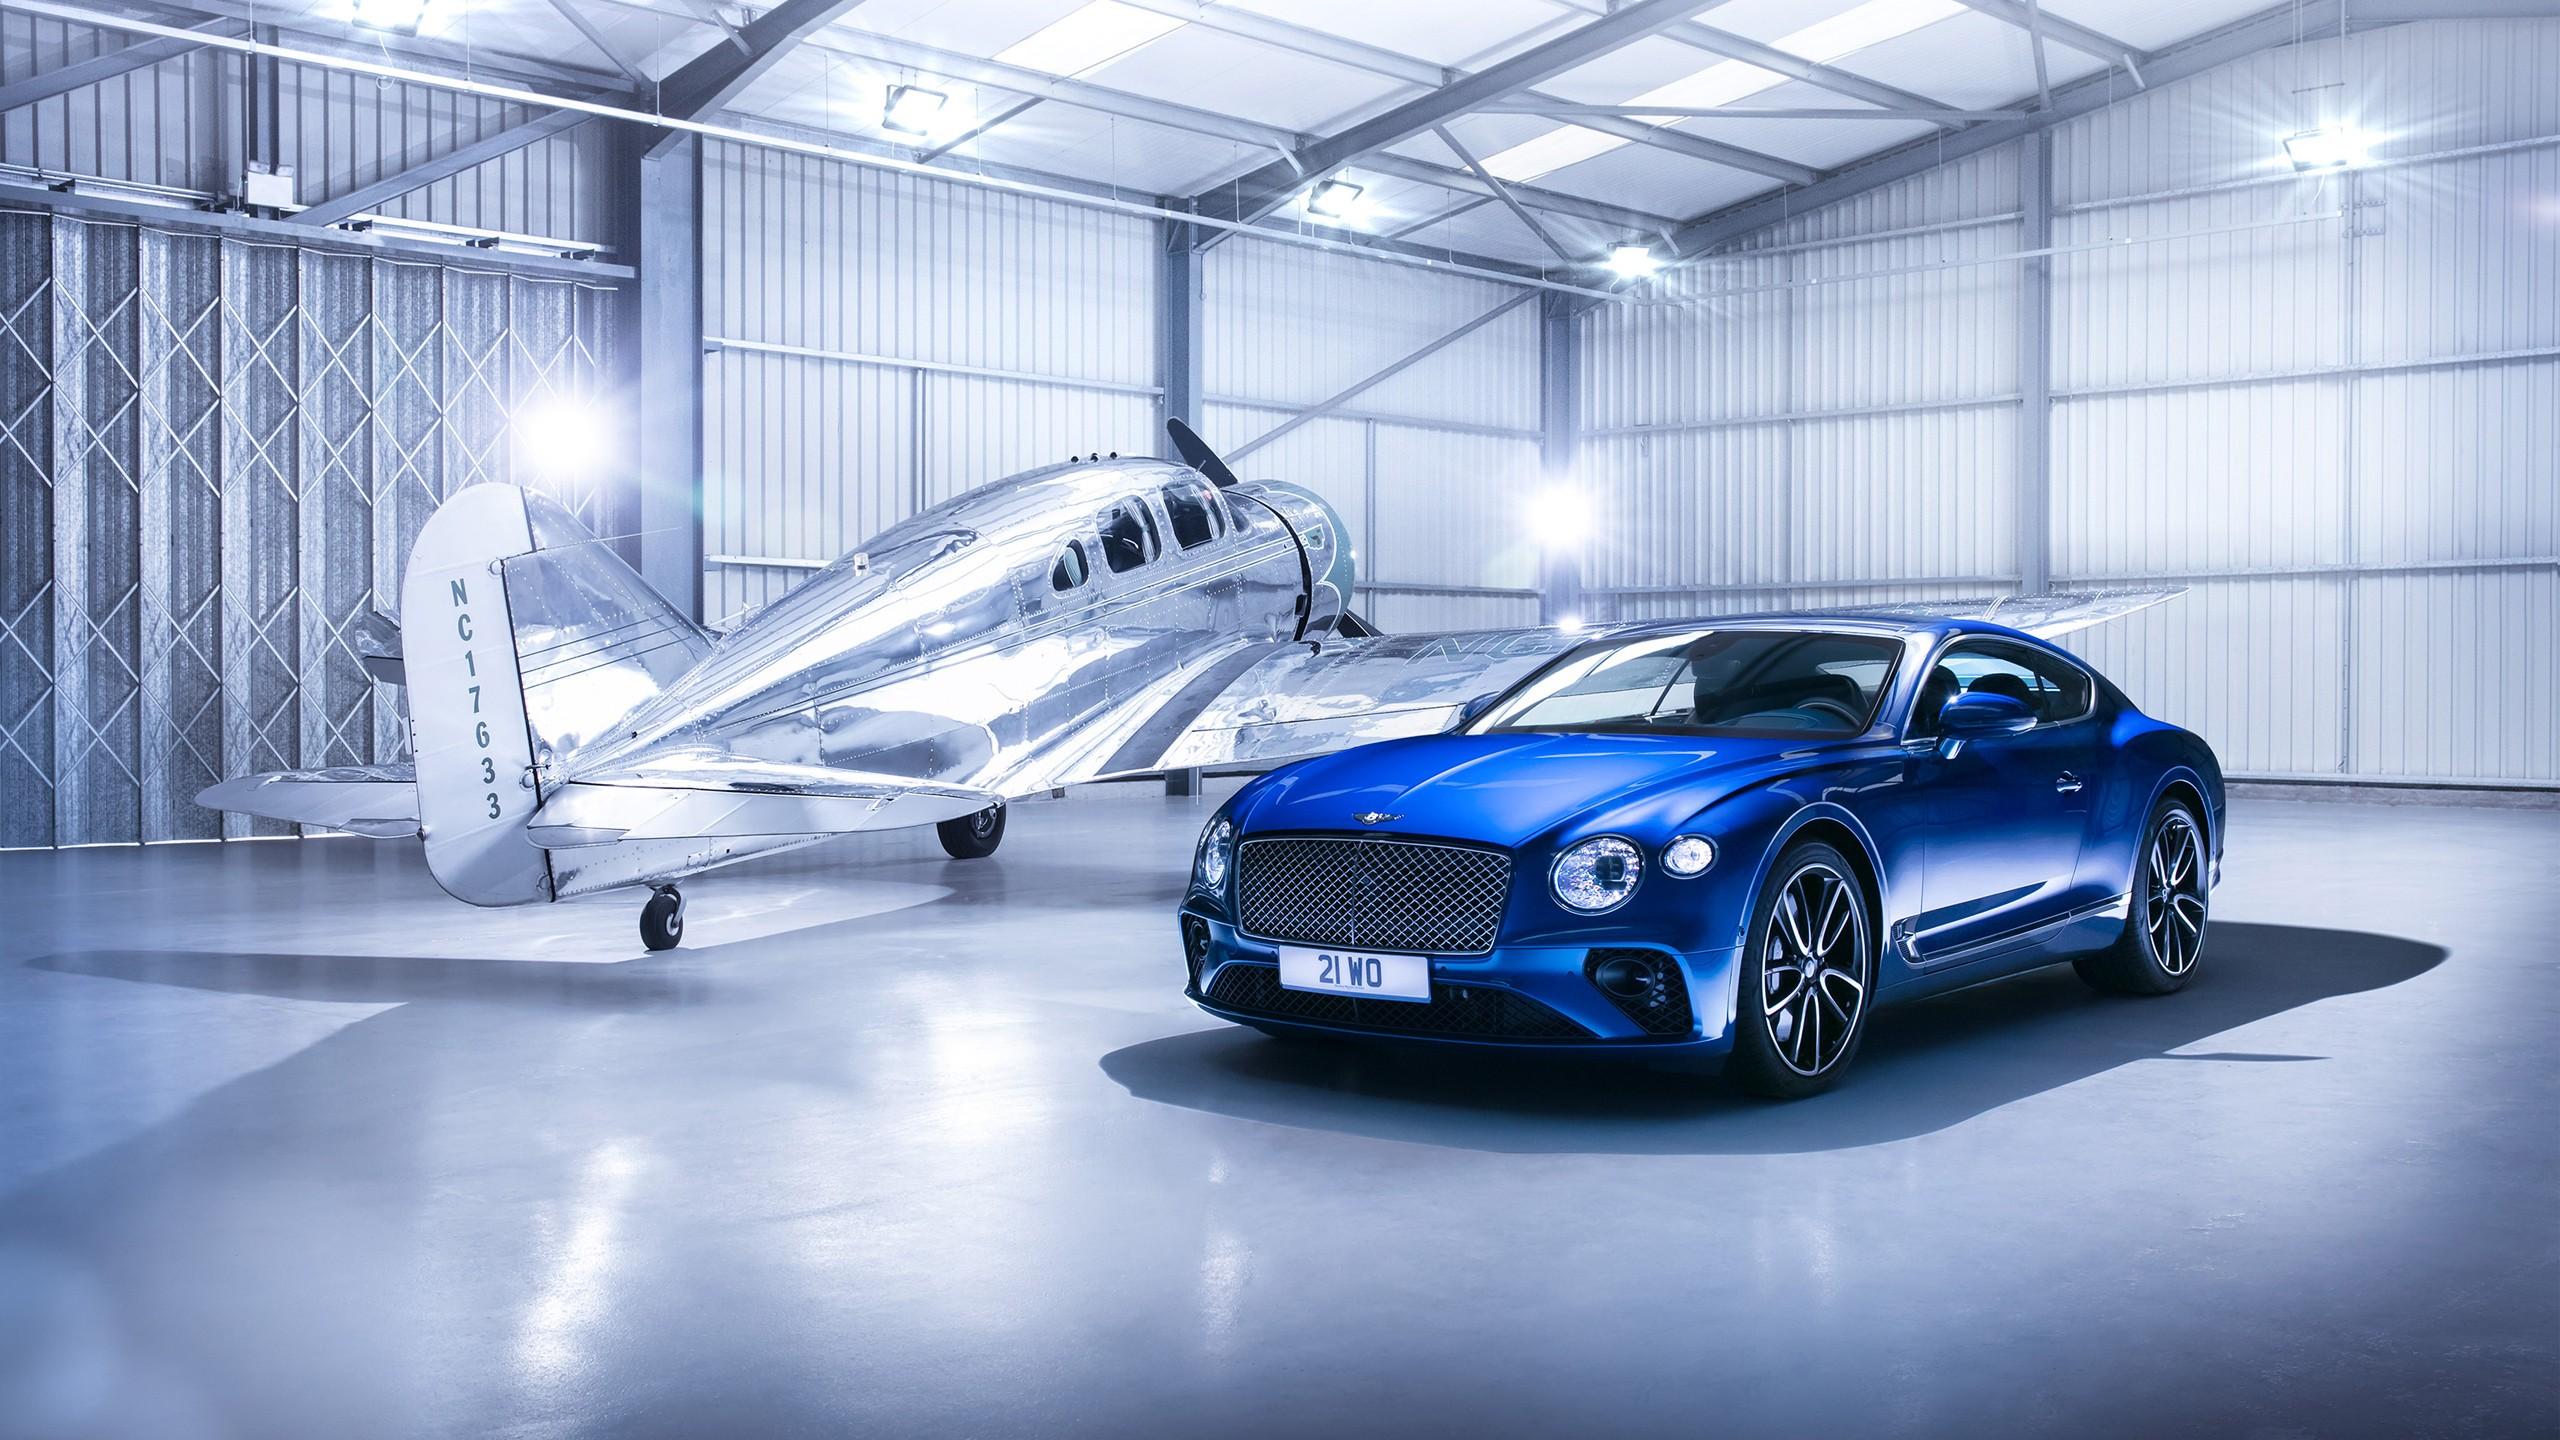 Luxury Car Iphone Wallpaper 2018 Bentley Continental Gt Hd Wallpapers Hd Wallpapers